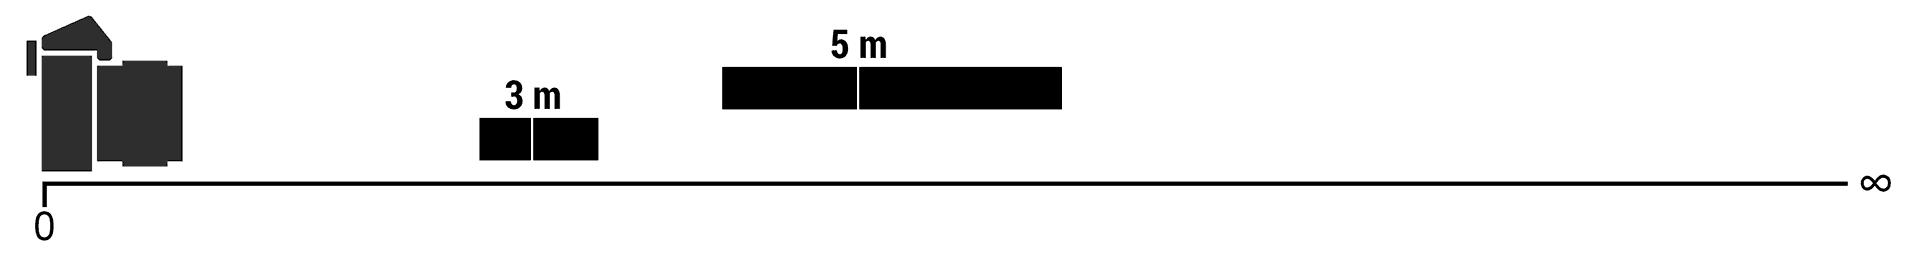 Variation de la profondeur de champ en fonction de la distance.